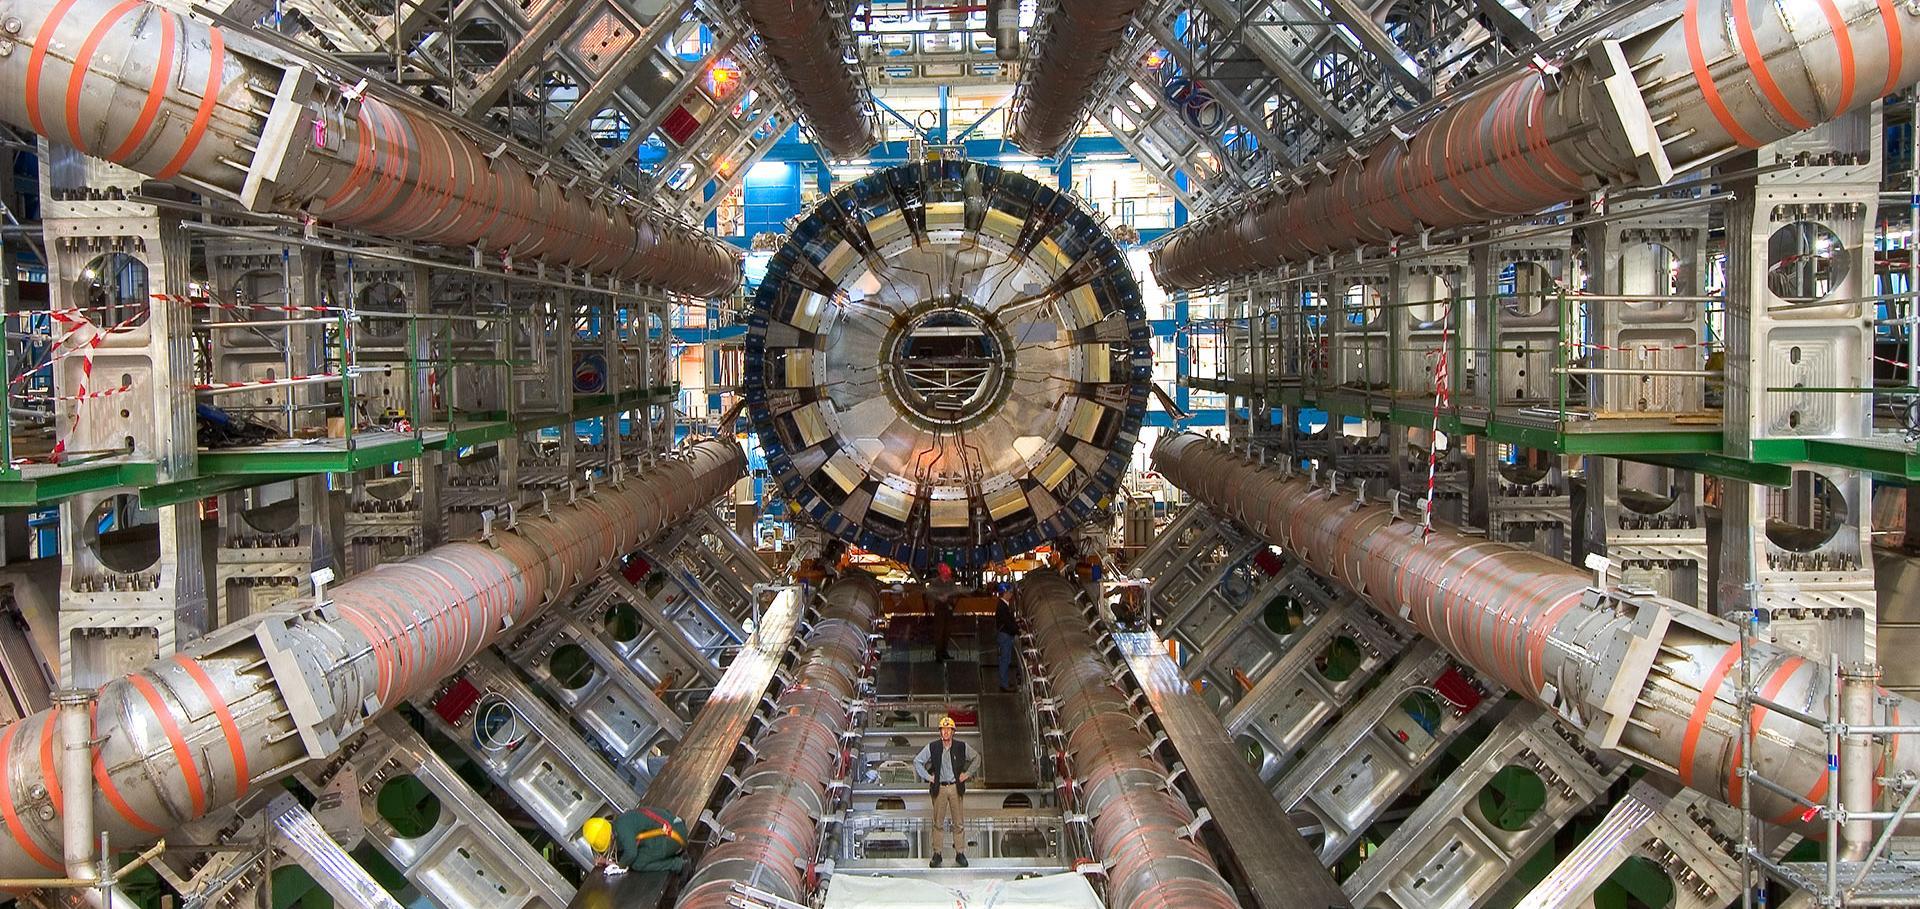 ATLAS experiment, CERN